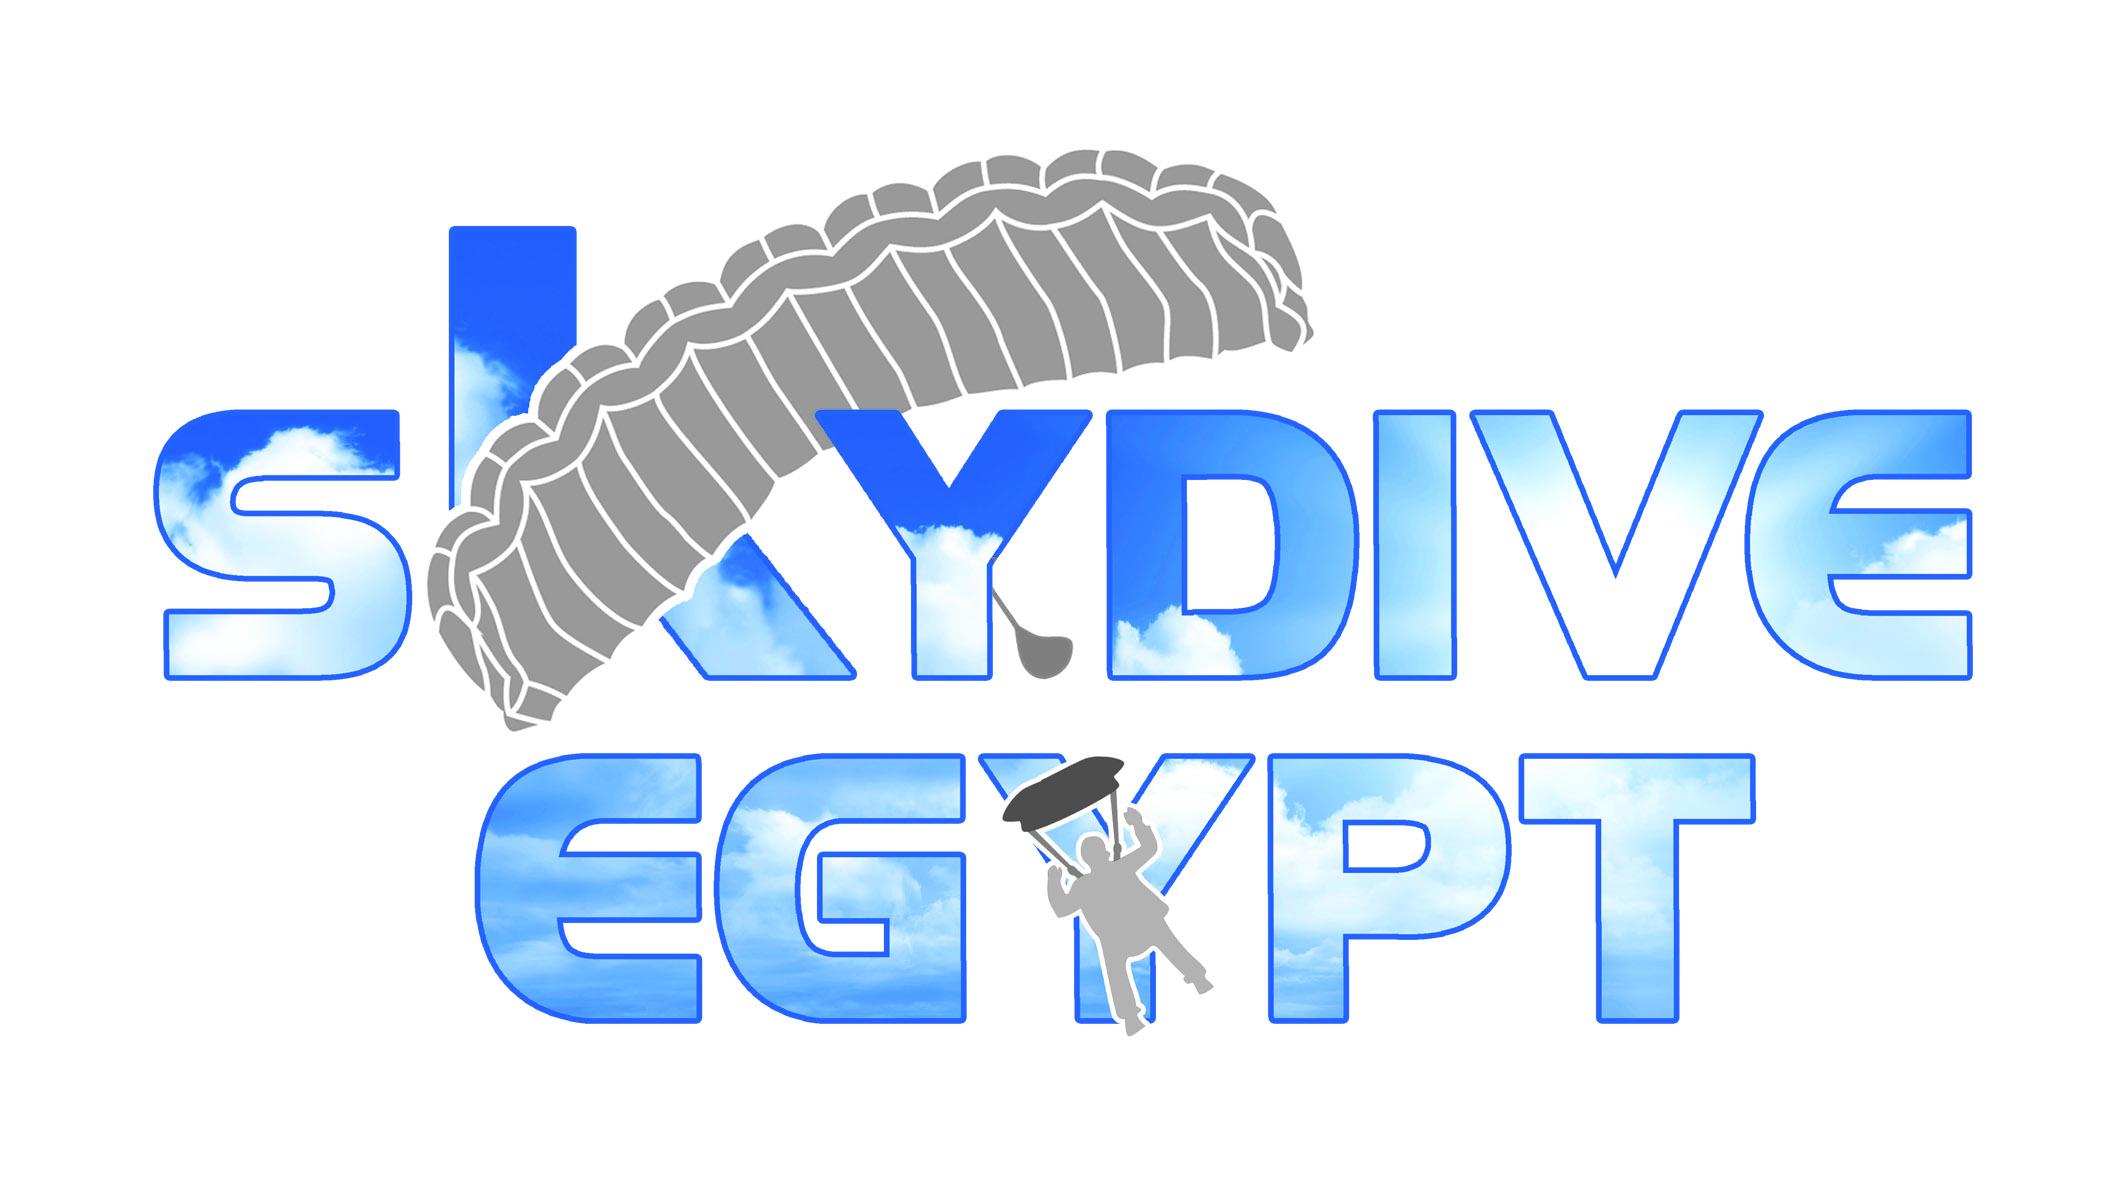 https://secureservercdn.net/198.71.233.44/516.356.myftpupload.com/wp-content/uploads/2019/12/Skydive-Egypt-Logo.jpg?time=1634953961